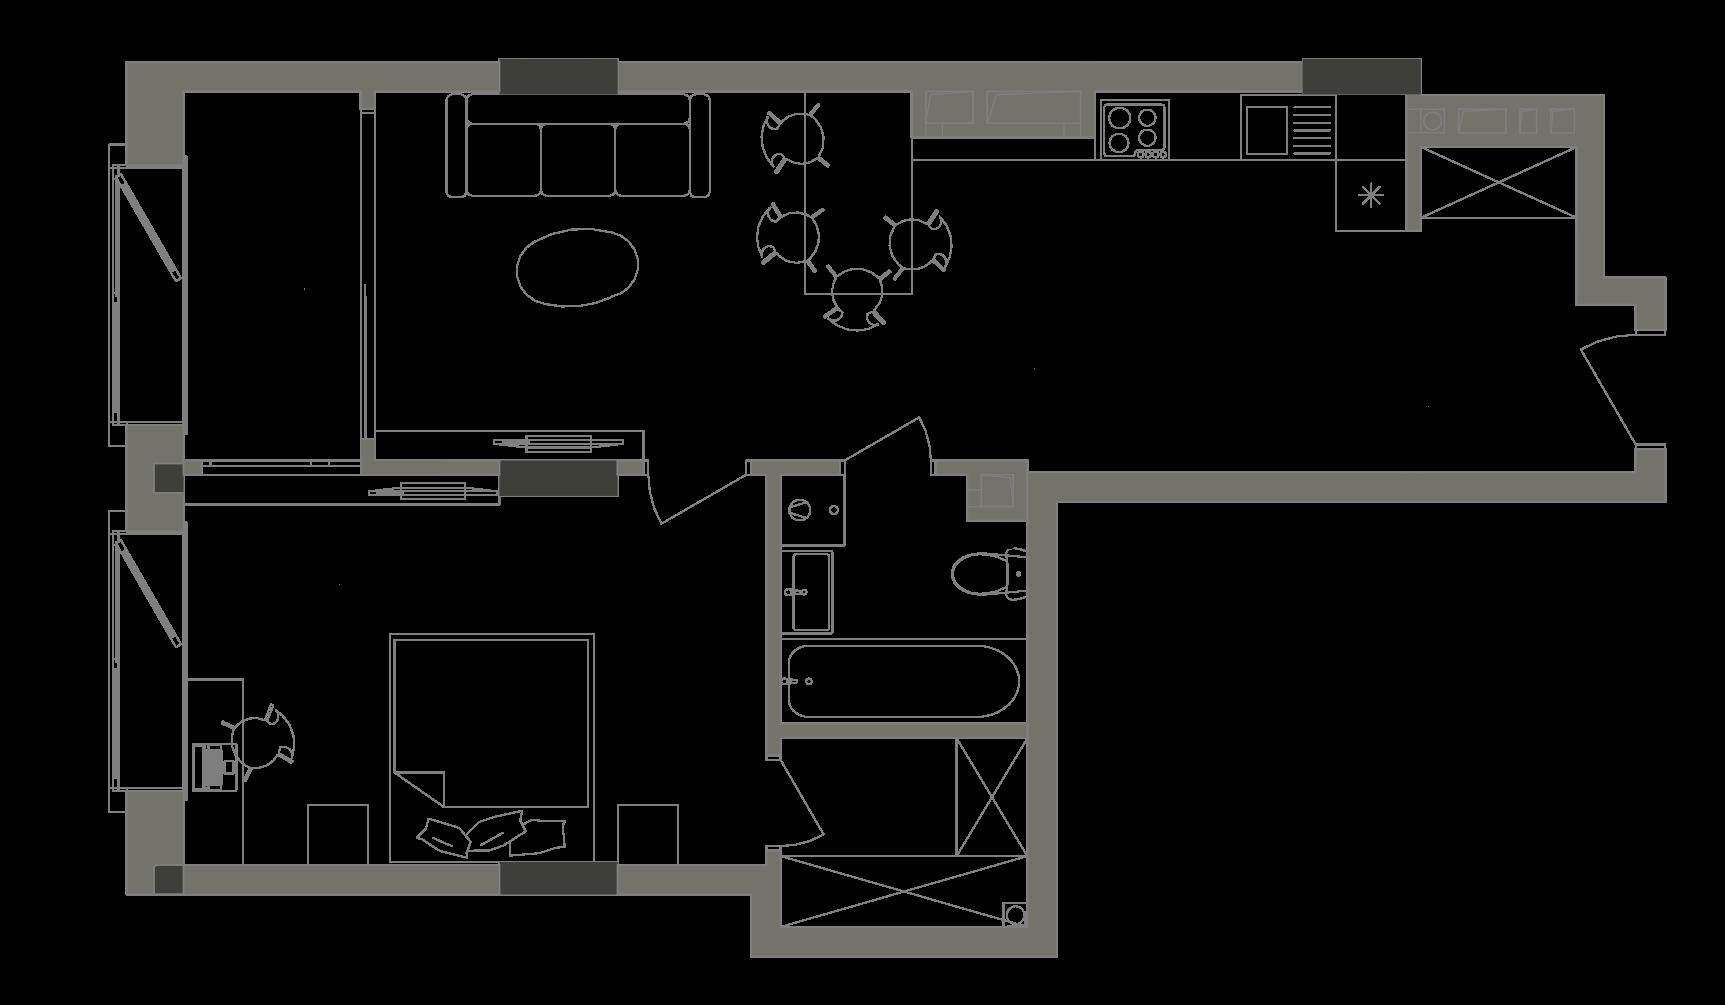 Квартира KV_35_1B_1_1_4